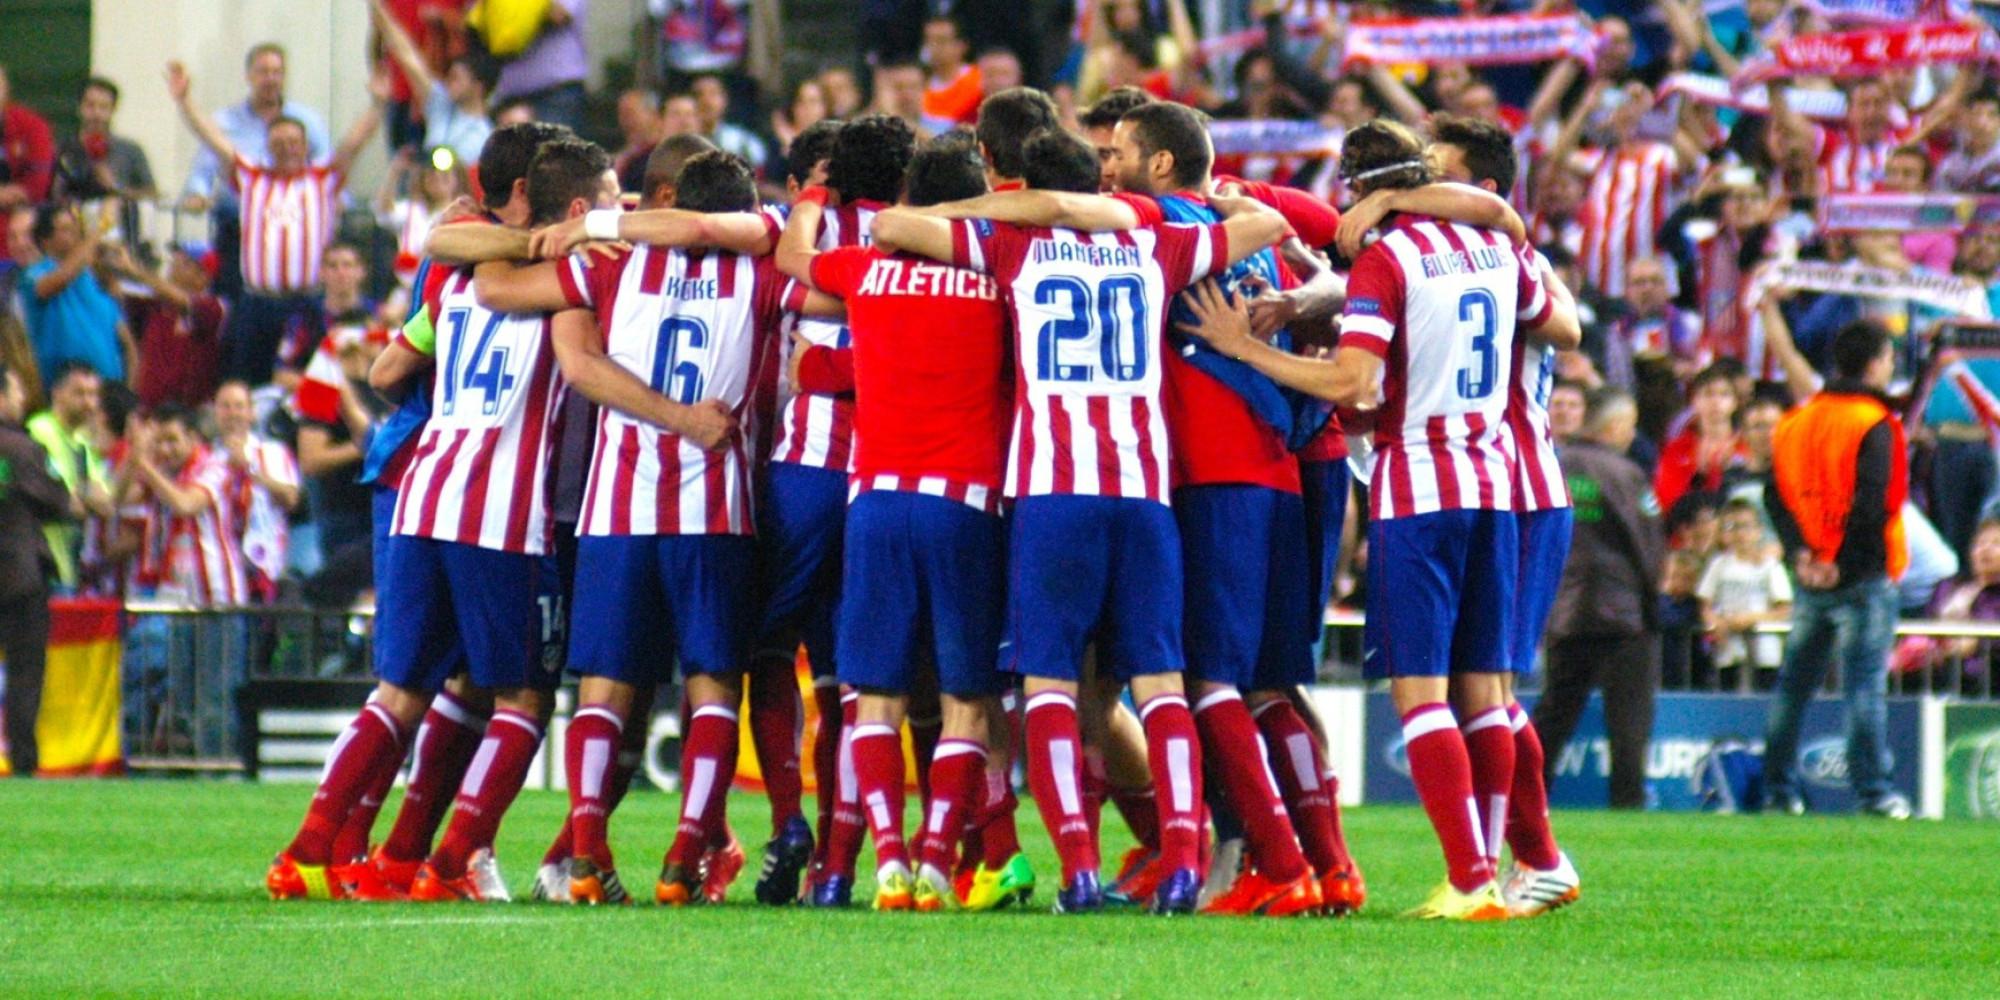 صور اتليتيكو مدريد 1 صور اتلتيكو مدريد ومعلومات عن الفريق